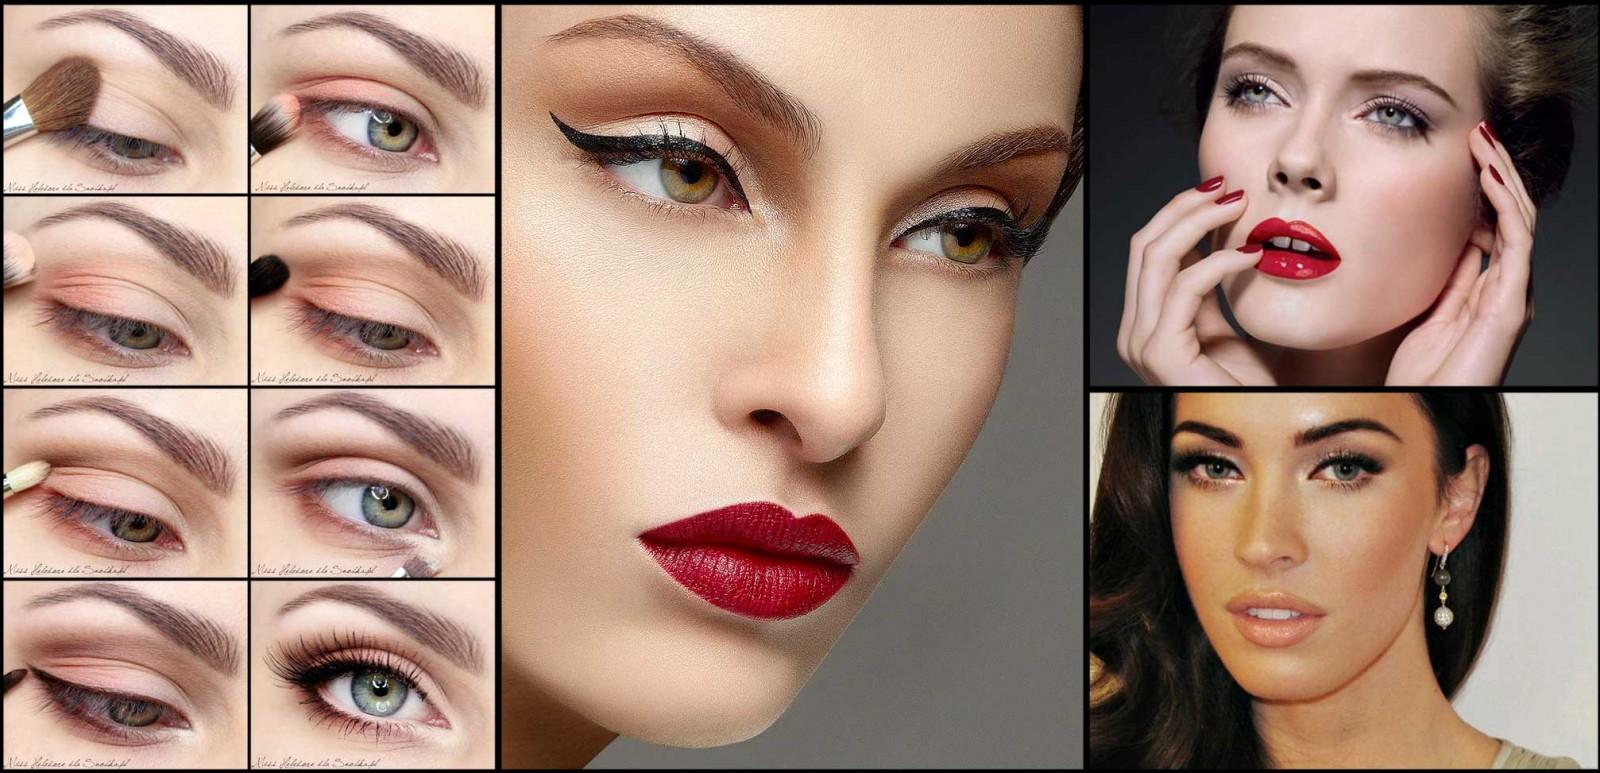 Как сделать глаза больше без макияжа, без косметики и без операции 68